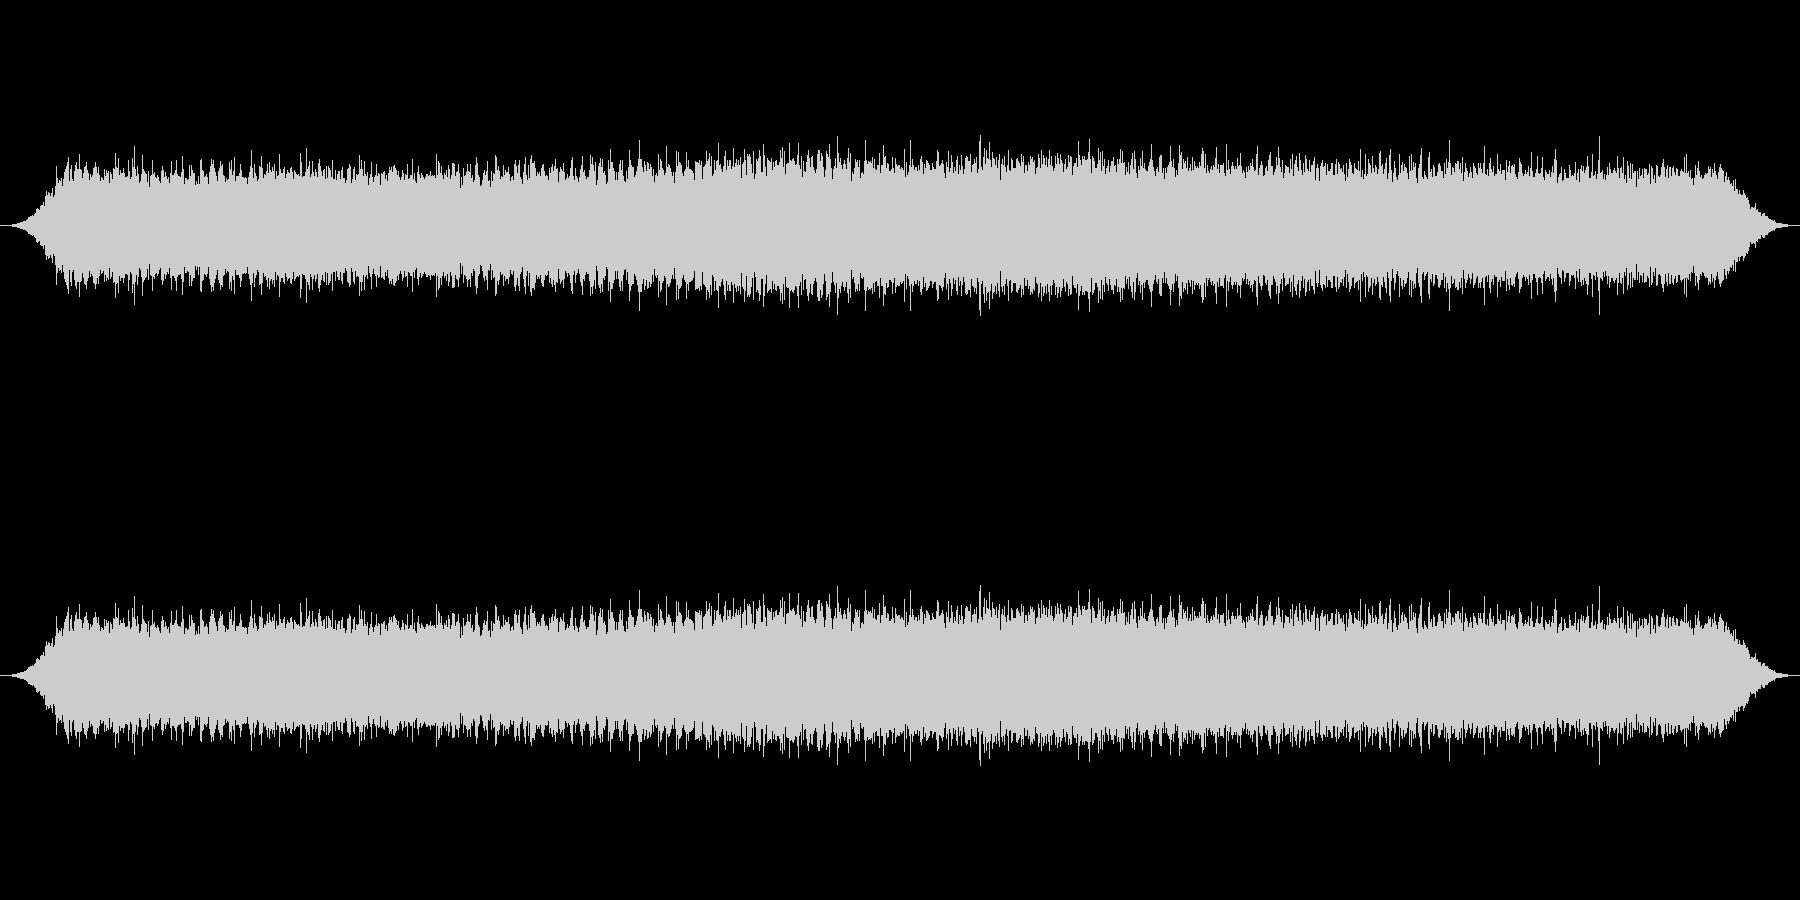 クマゼミの鳴き声_2の未再生の波形